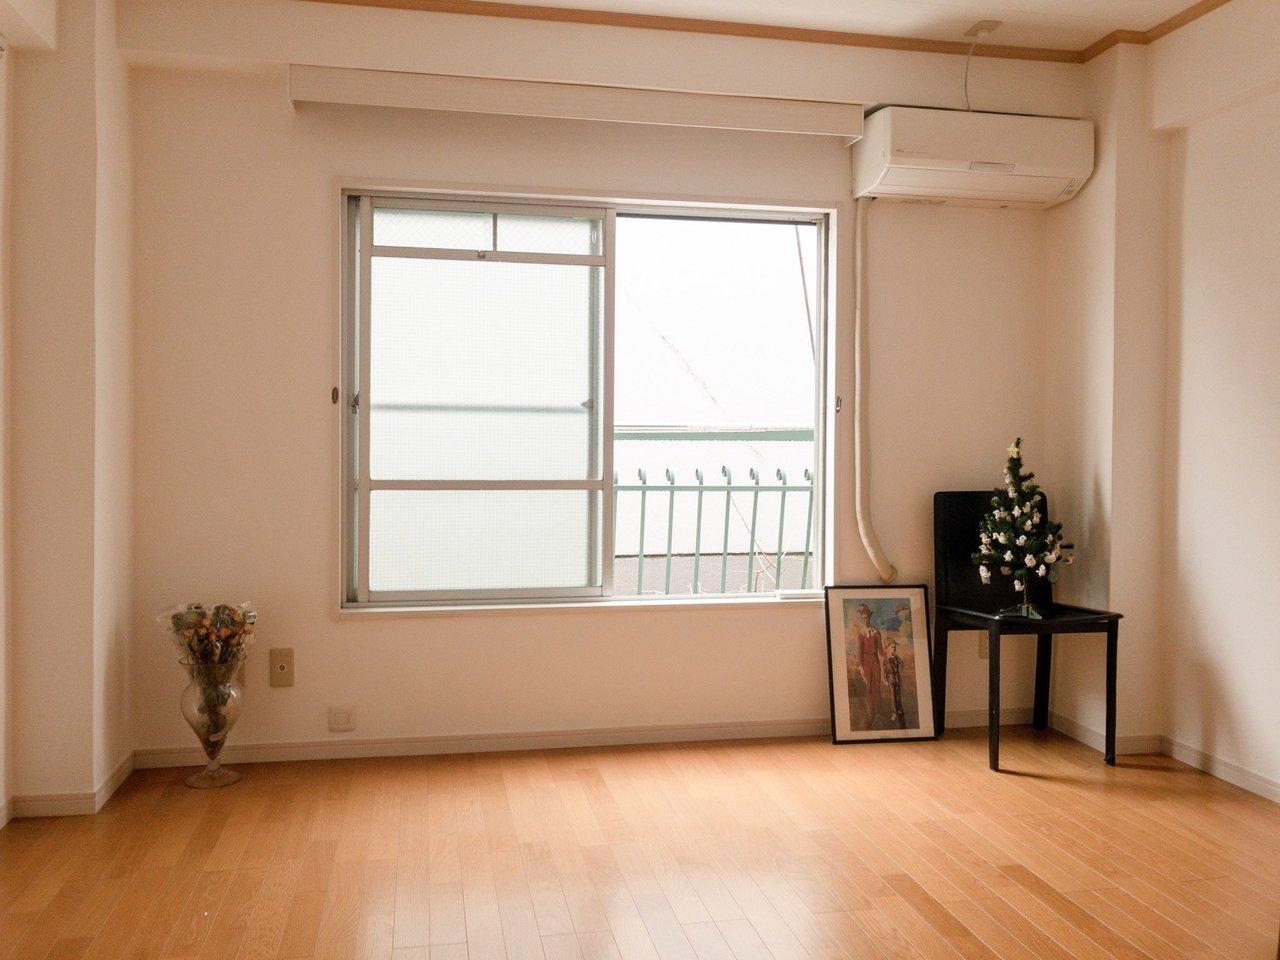 6畳の1Kタイプのお部屋。シンプルな間取りなのでかえって使いやすいのがポイント。駅から徒歩約4分と近いのもいいですね。1階がお花屋さんのお部屋なので、「お花のある暮らし」が叶いそう。